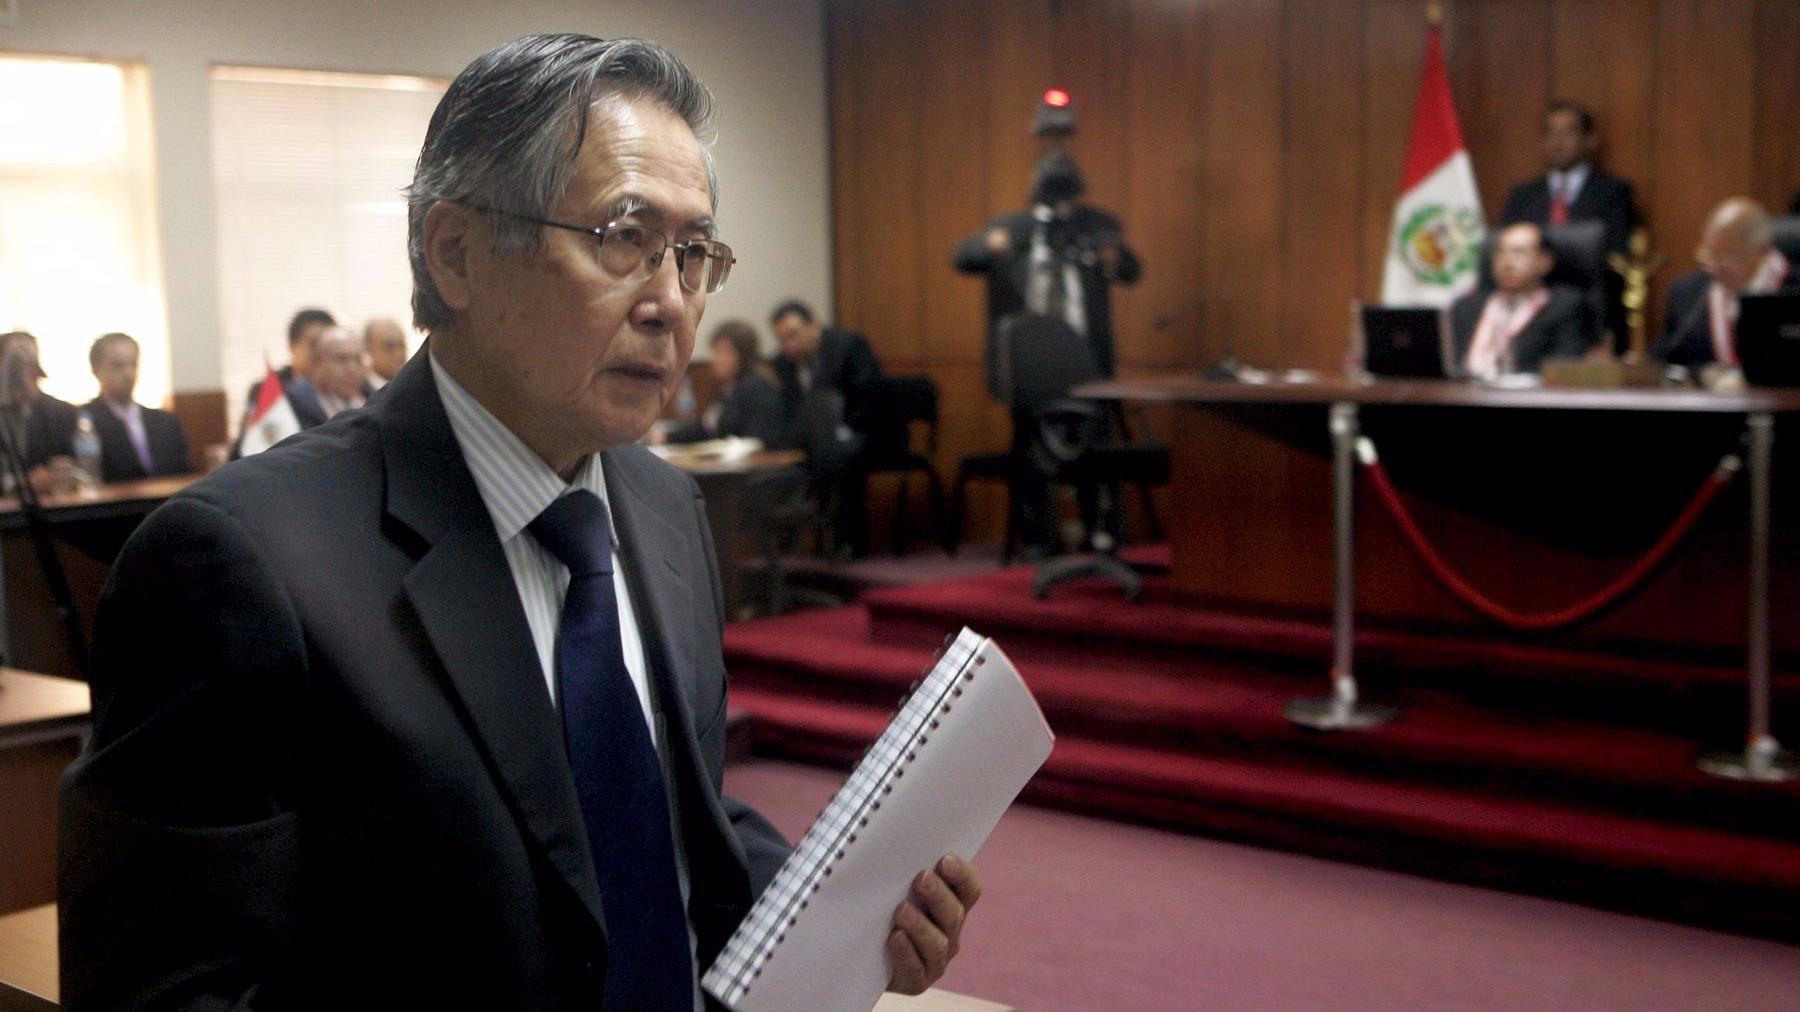 Fujimori, quien gobernó el Perú entre 1990 y 2000, fue condenado a 25 años de prisión en 2009 por homicidio calificado, lesiones graves y secuestro agravado.